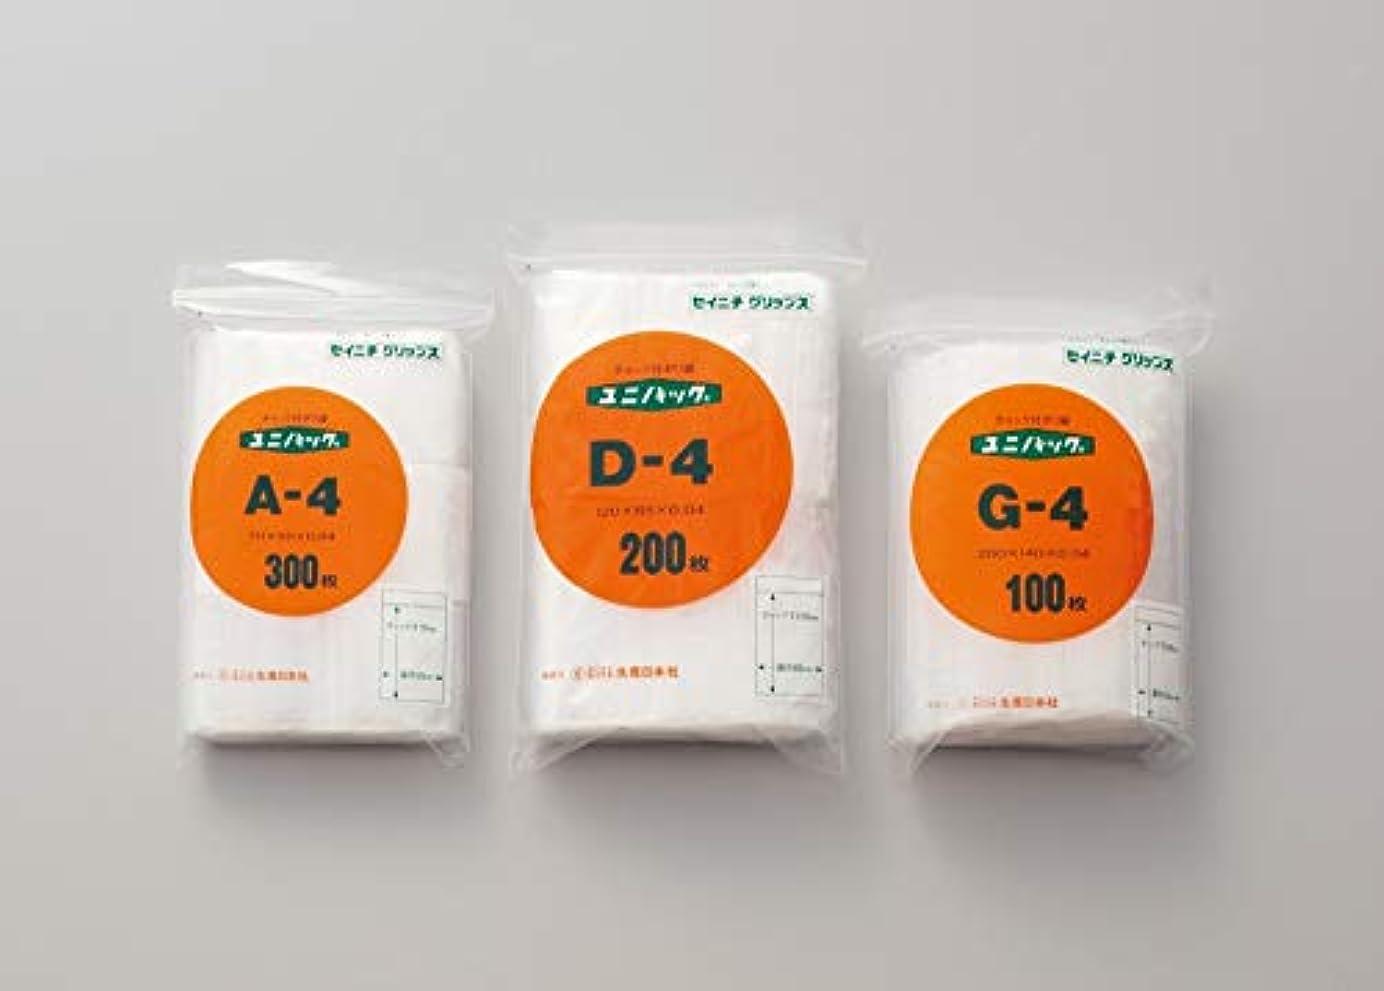 バターシャンパン外出ユニパック G-4 100枚入 単位:100枚入/袋